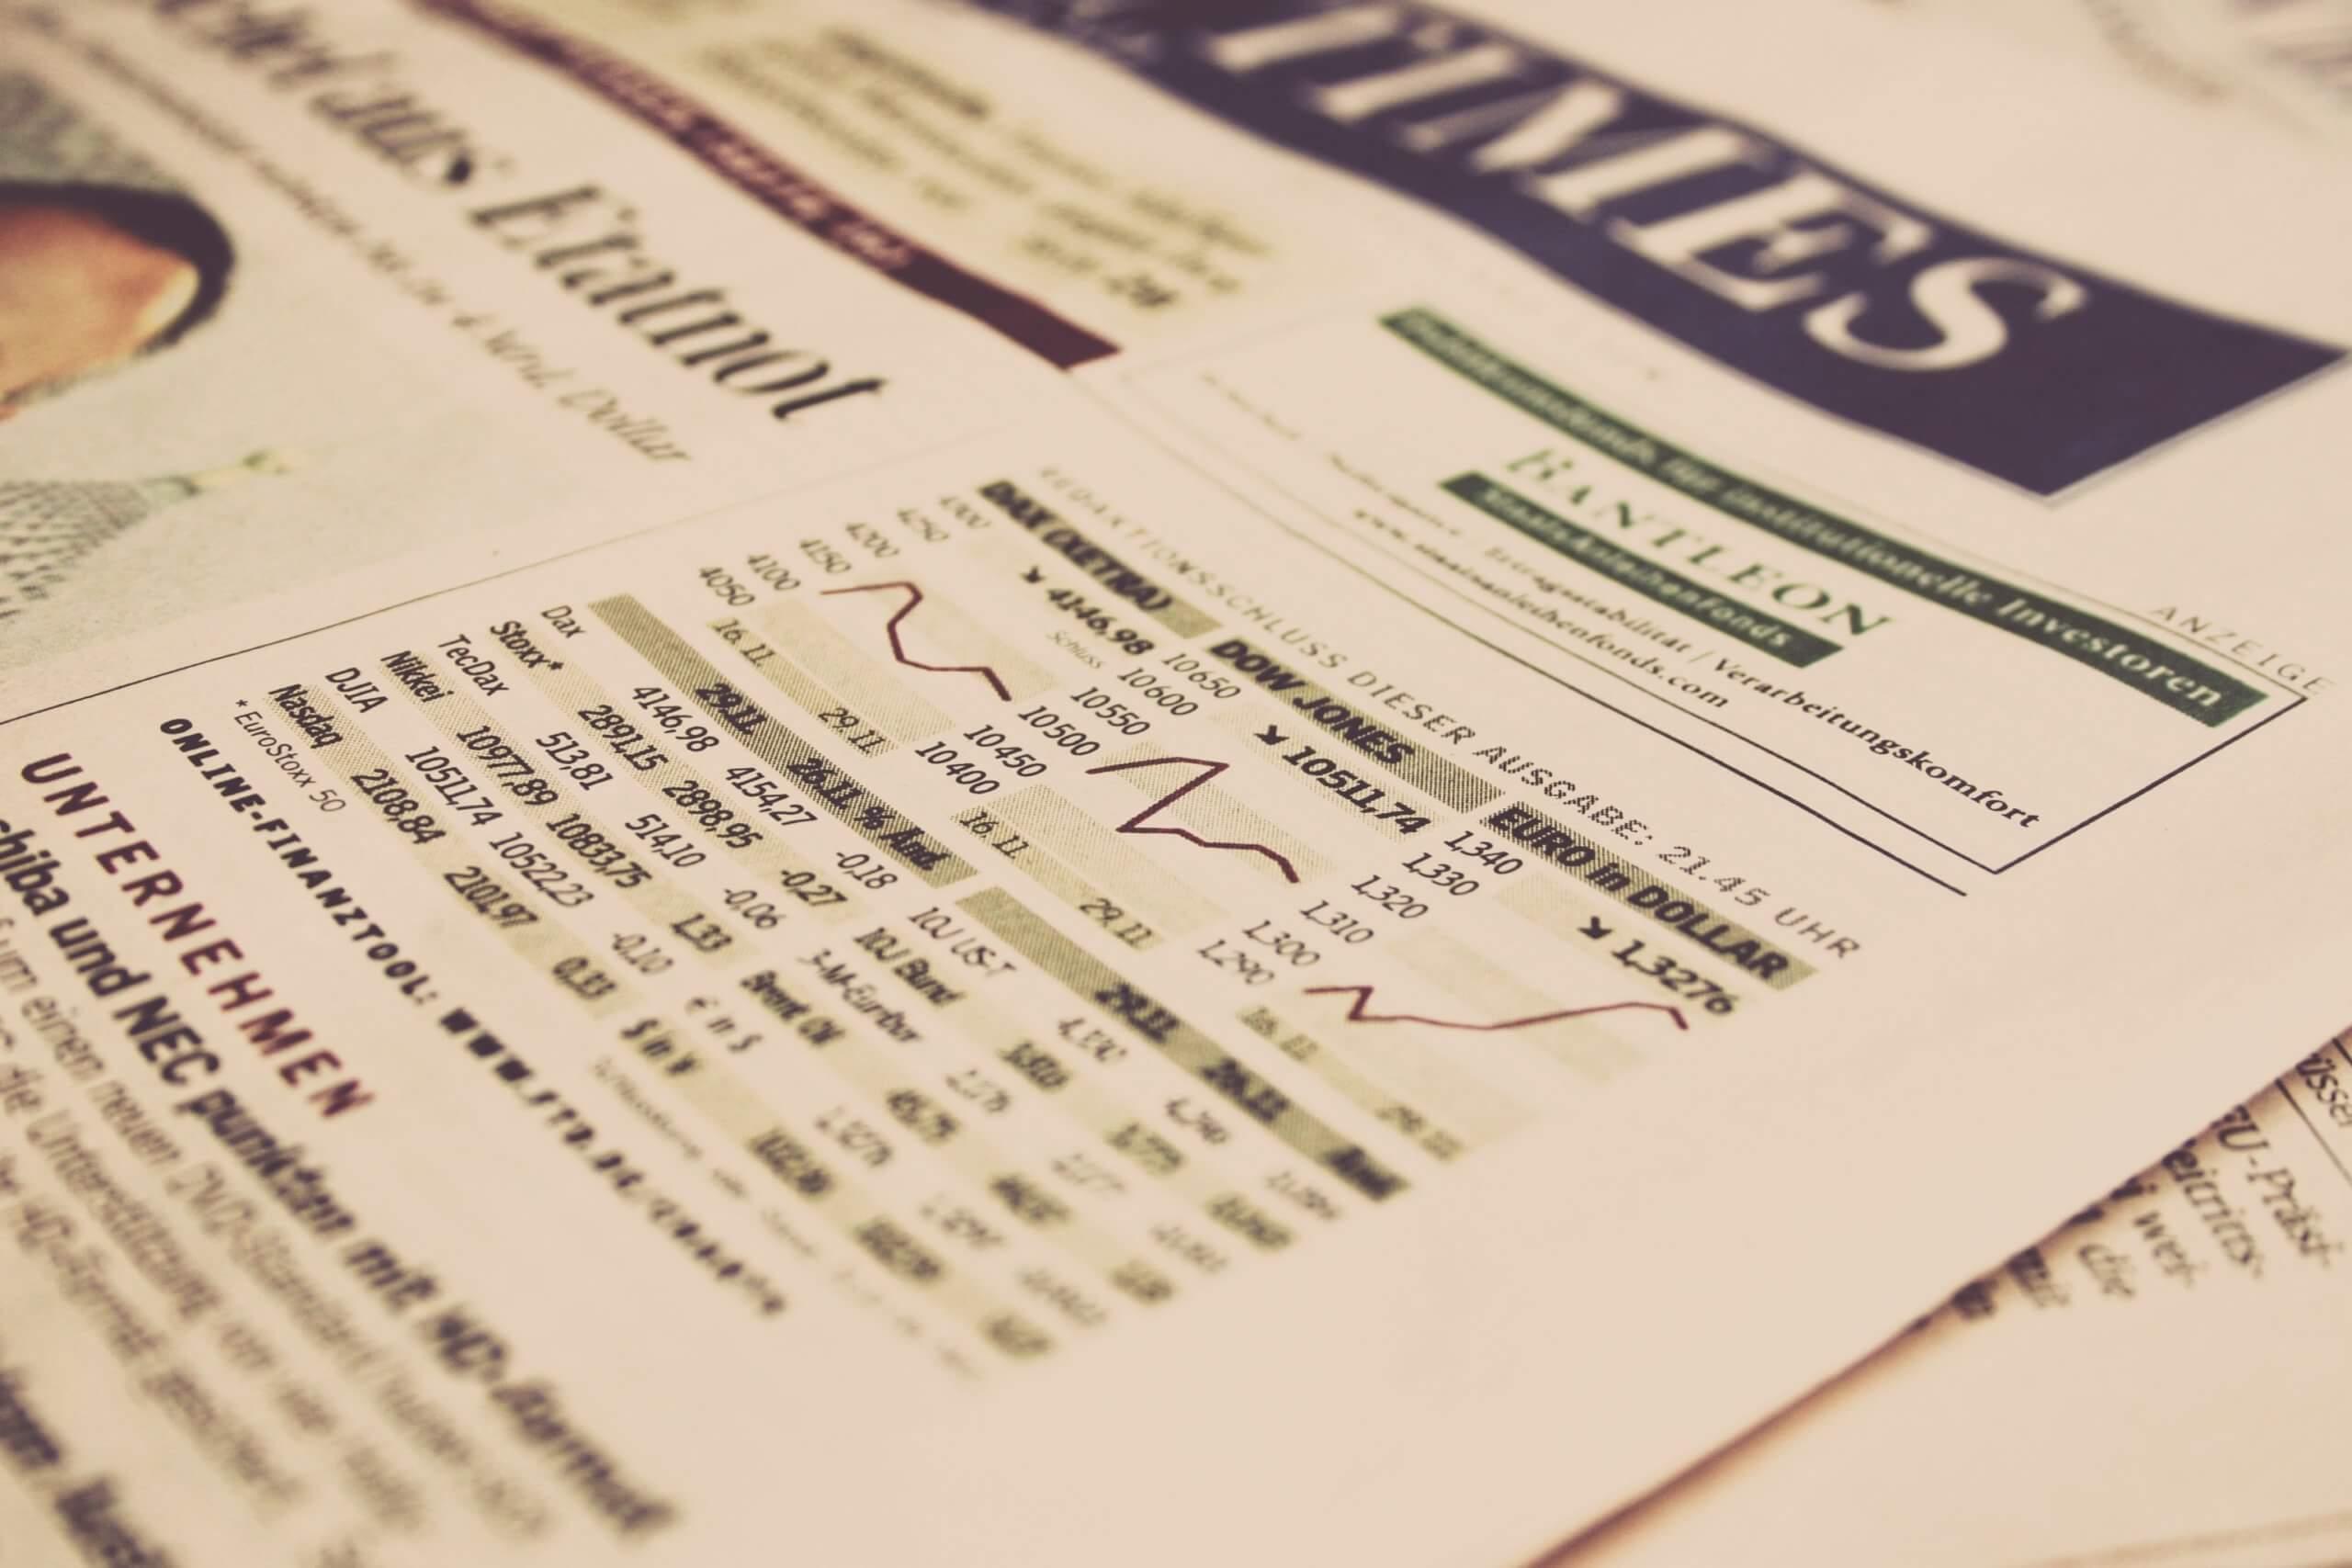 ビジネス英語と金融・経済に詳しくなれる映画作品